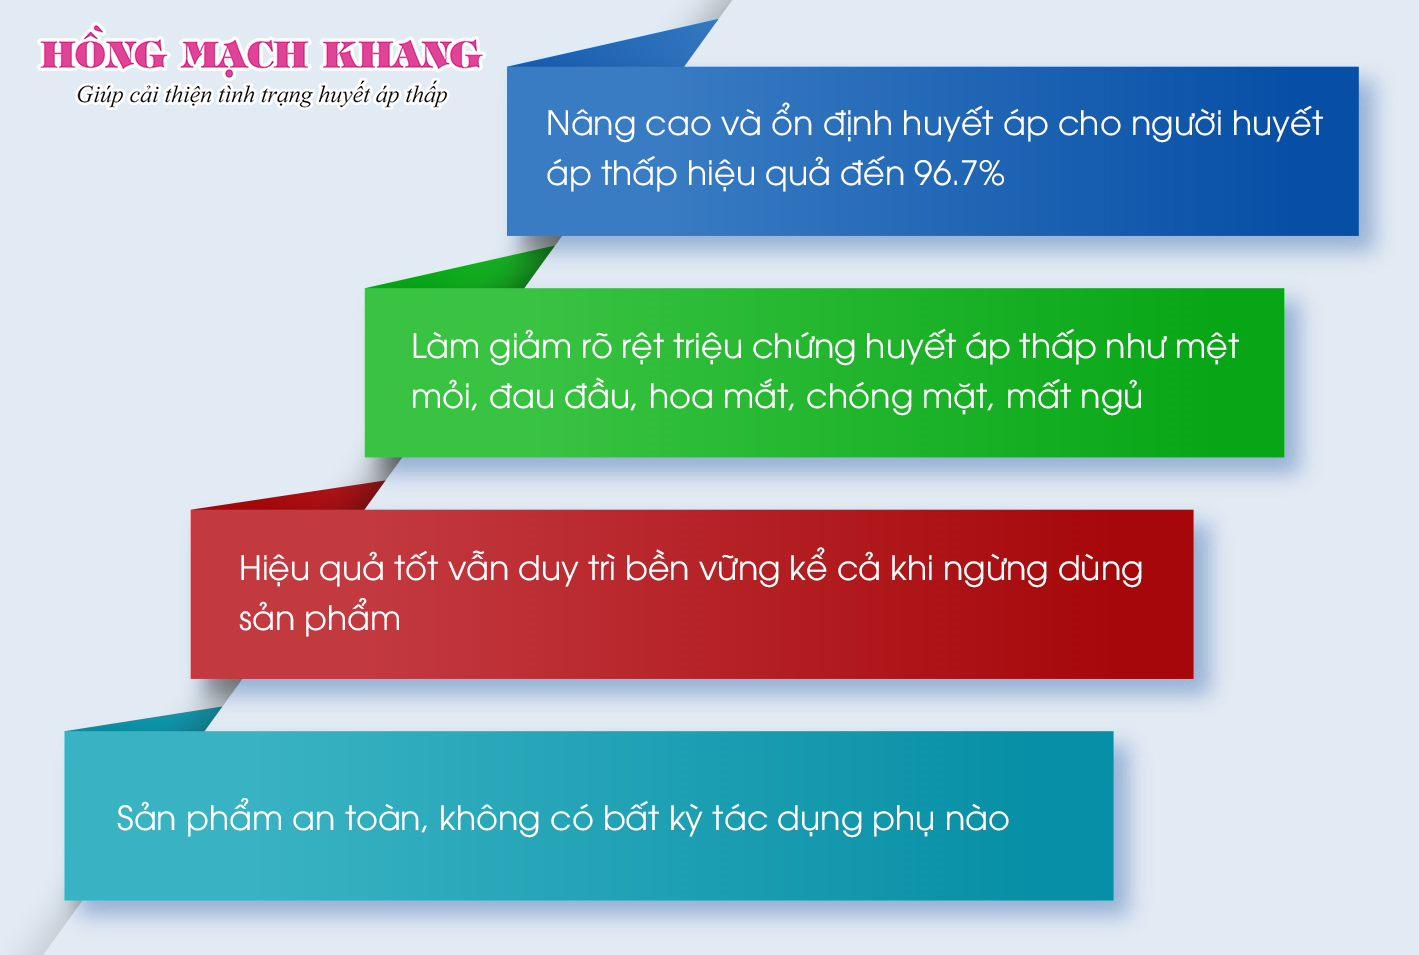 Hồng Mạch Khang - Từ nghiên cứu lâm sàng đến hiệu quả thực tế